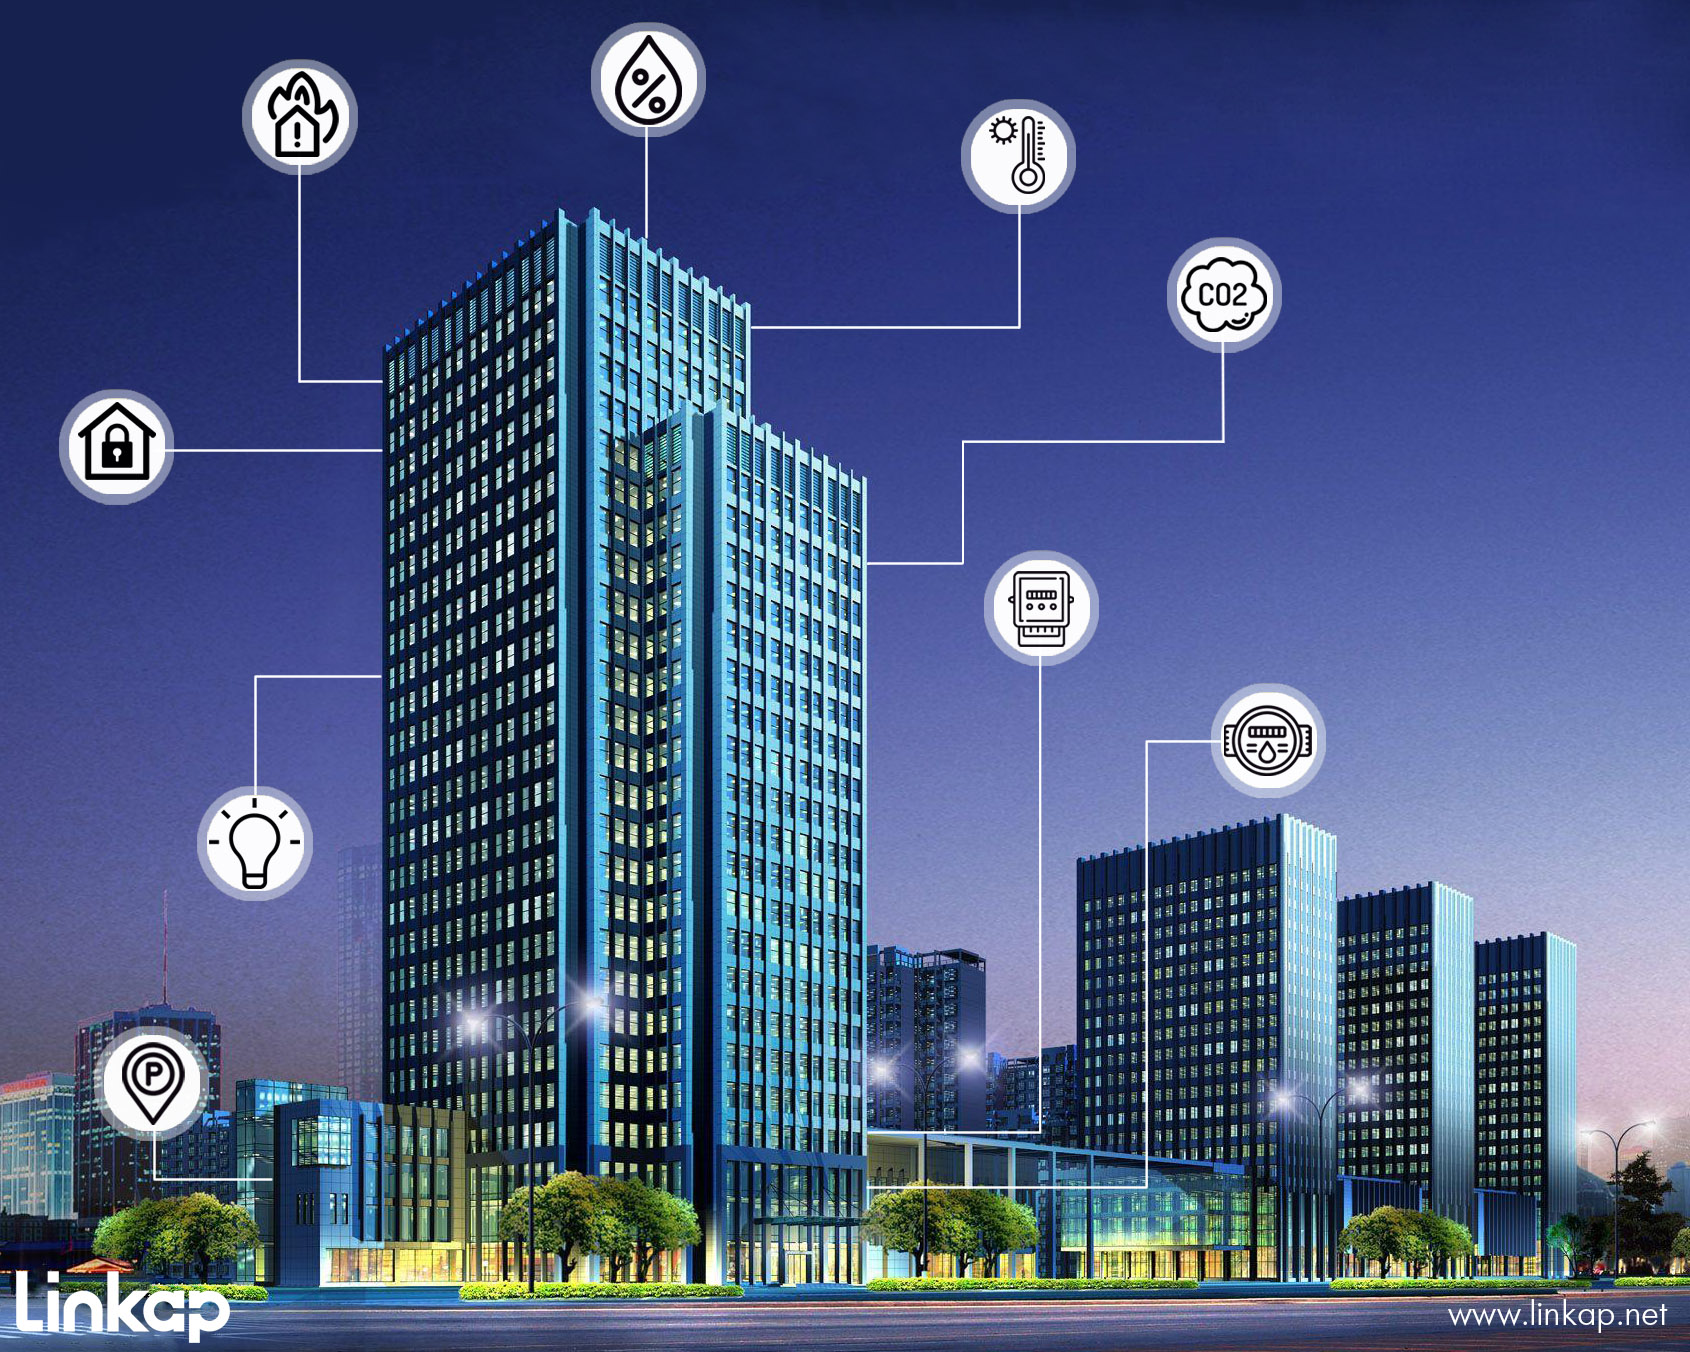 هوشمندسازی ساختمان بر مبنای اینترنت اشیا